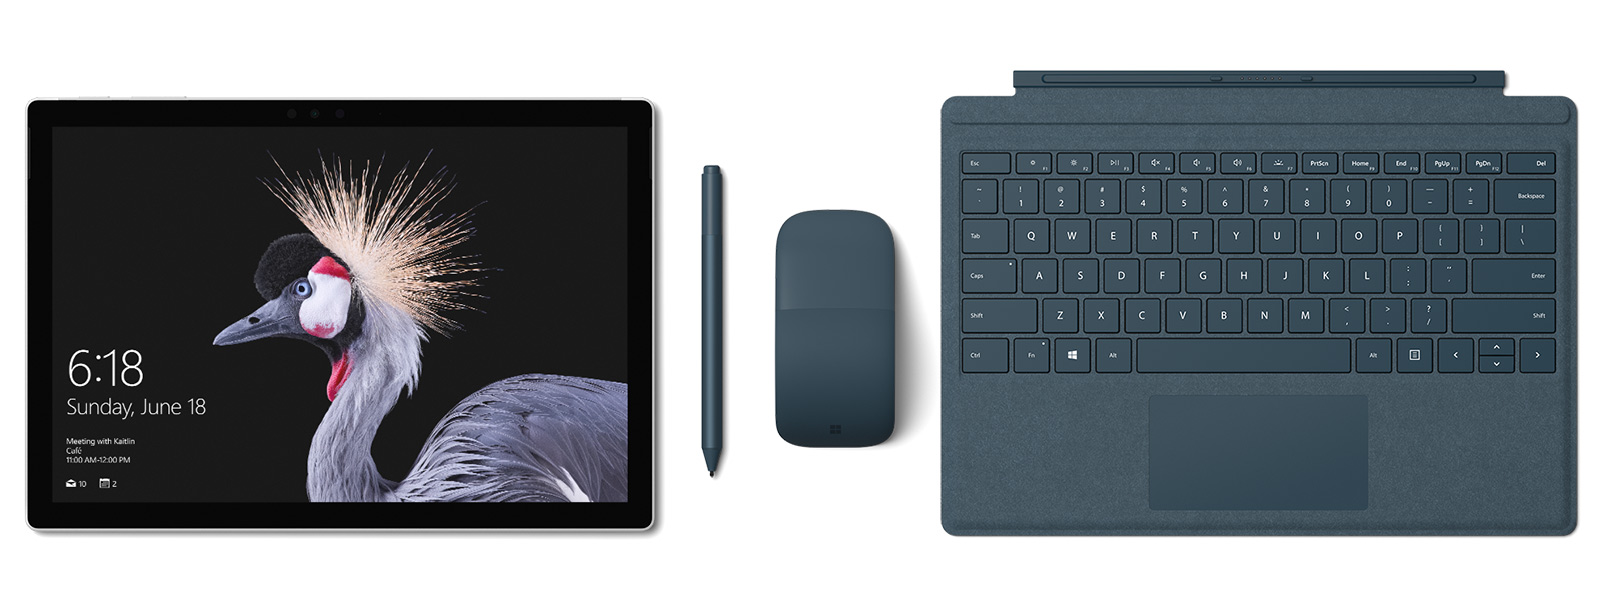 Kuva Surface Prosta, jossa on Surface Pro Signature Type Cover -suoja, Surface-kynä ja koboltinsininen Surface Arc Mouse. Mukana tulee Surface-kynä.